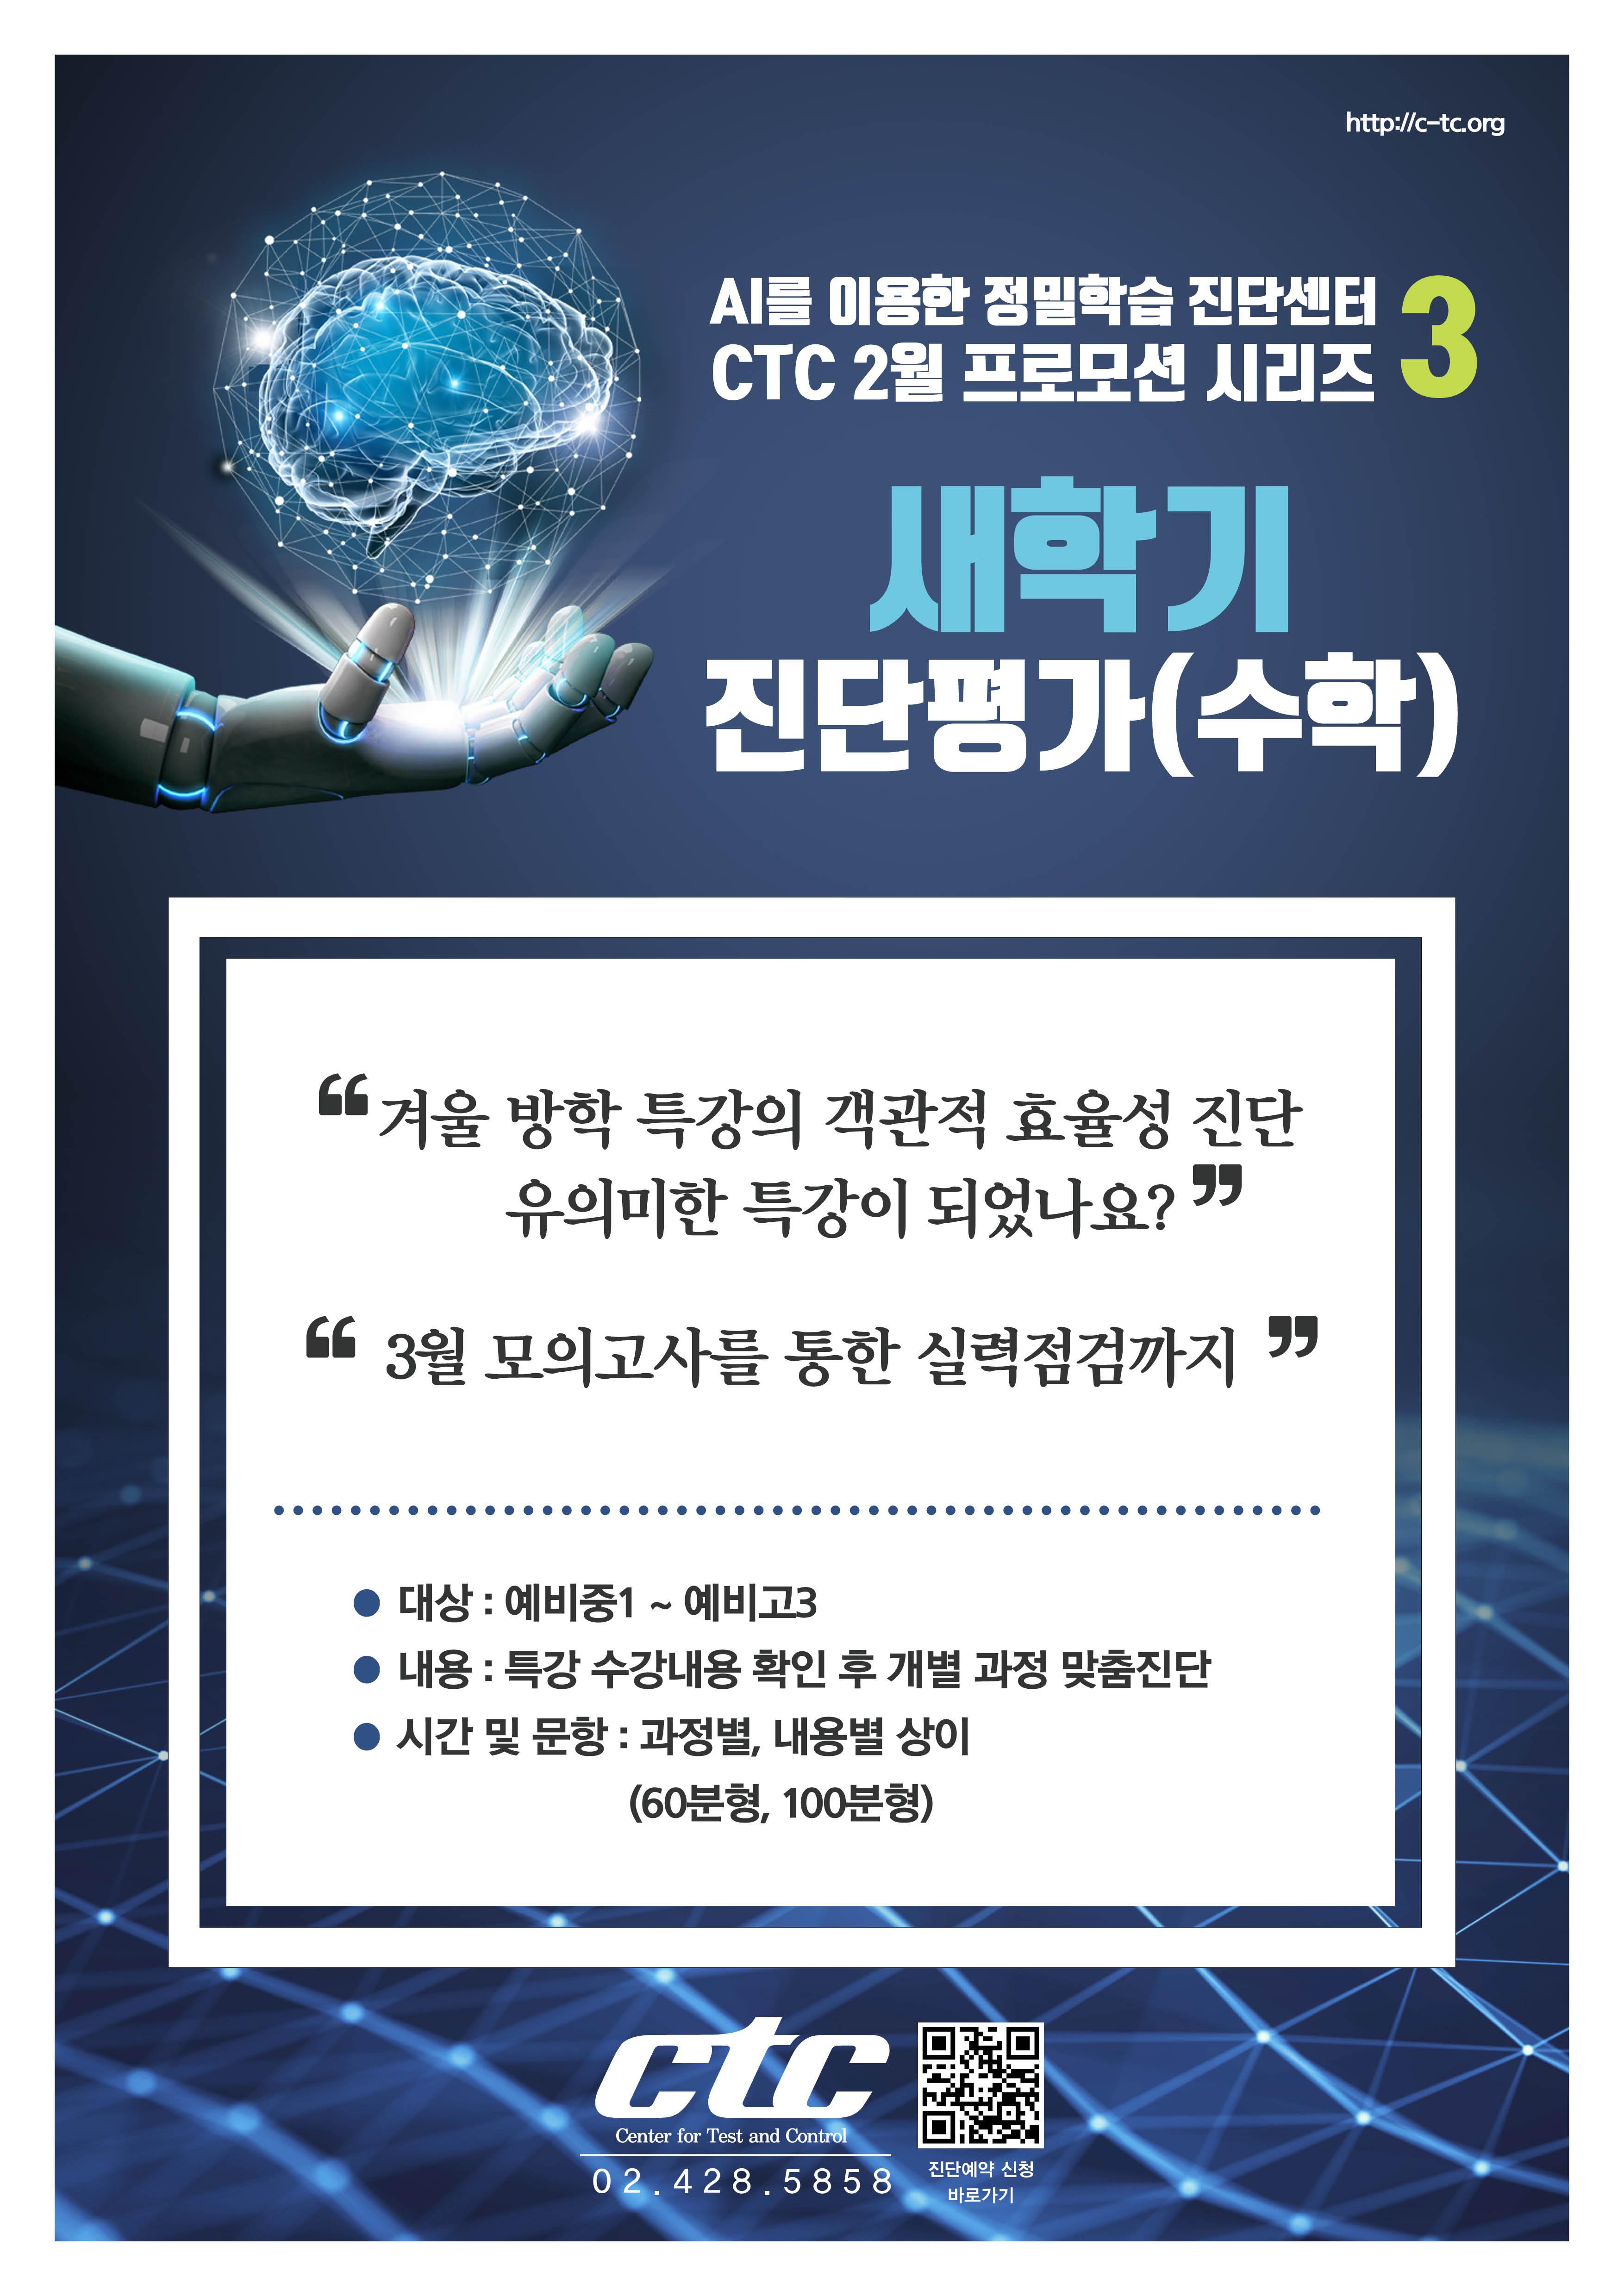 20190121_본사_CTC_홍보물3